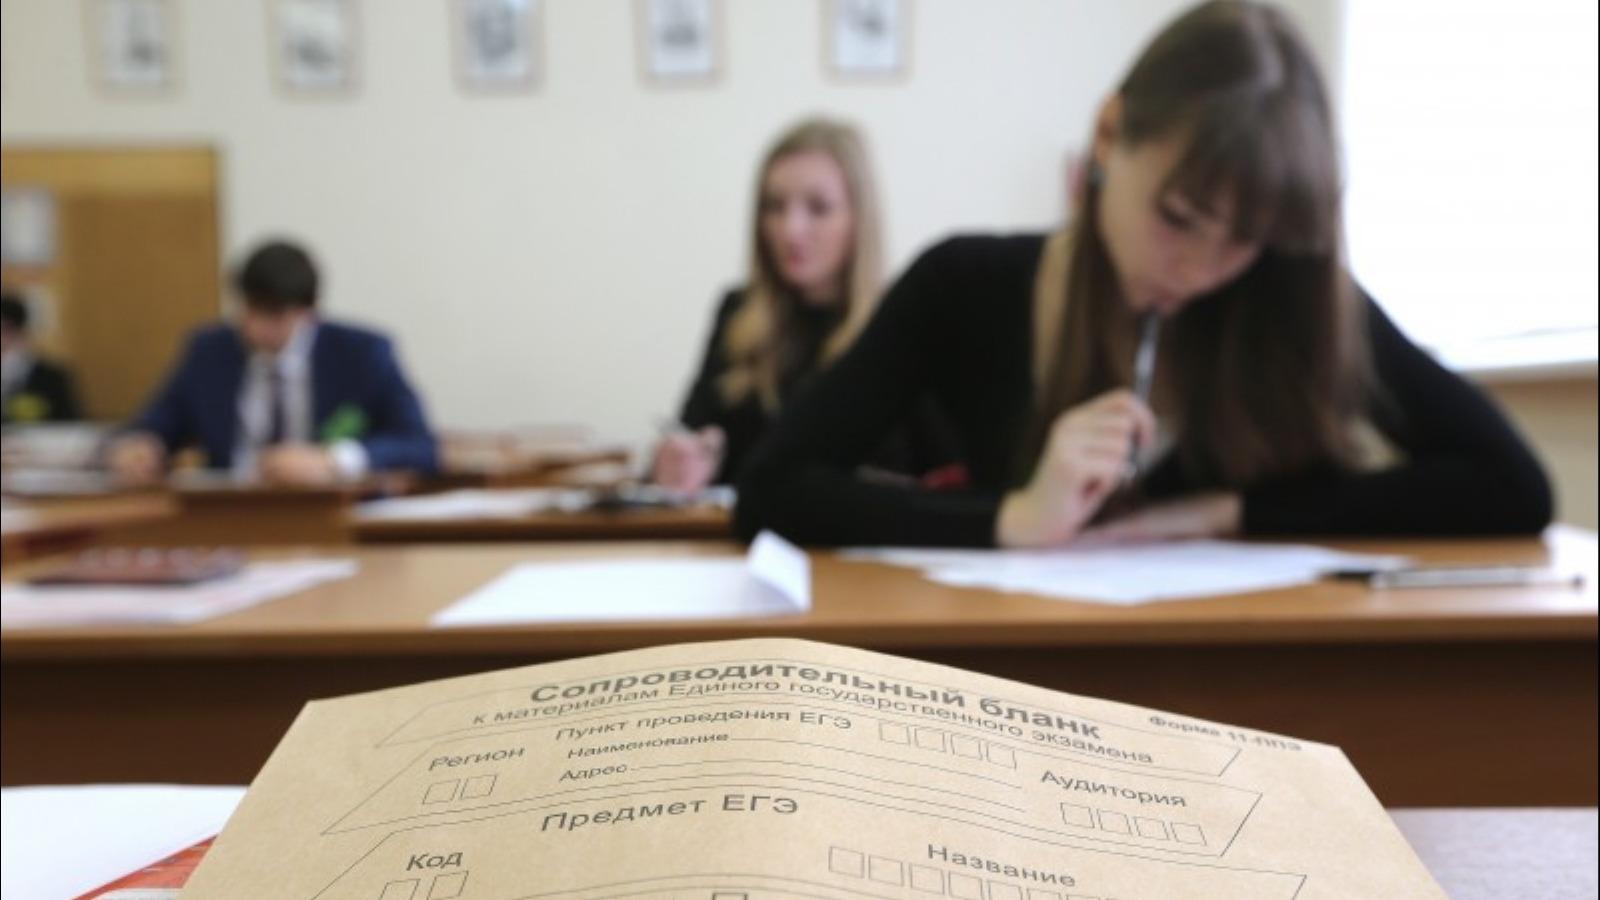 Даты экзаменов ОГЭ и ЕГЭ в 2020 году: Министерство примет решение о проведении экзаменов после майских праздников